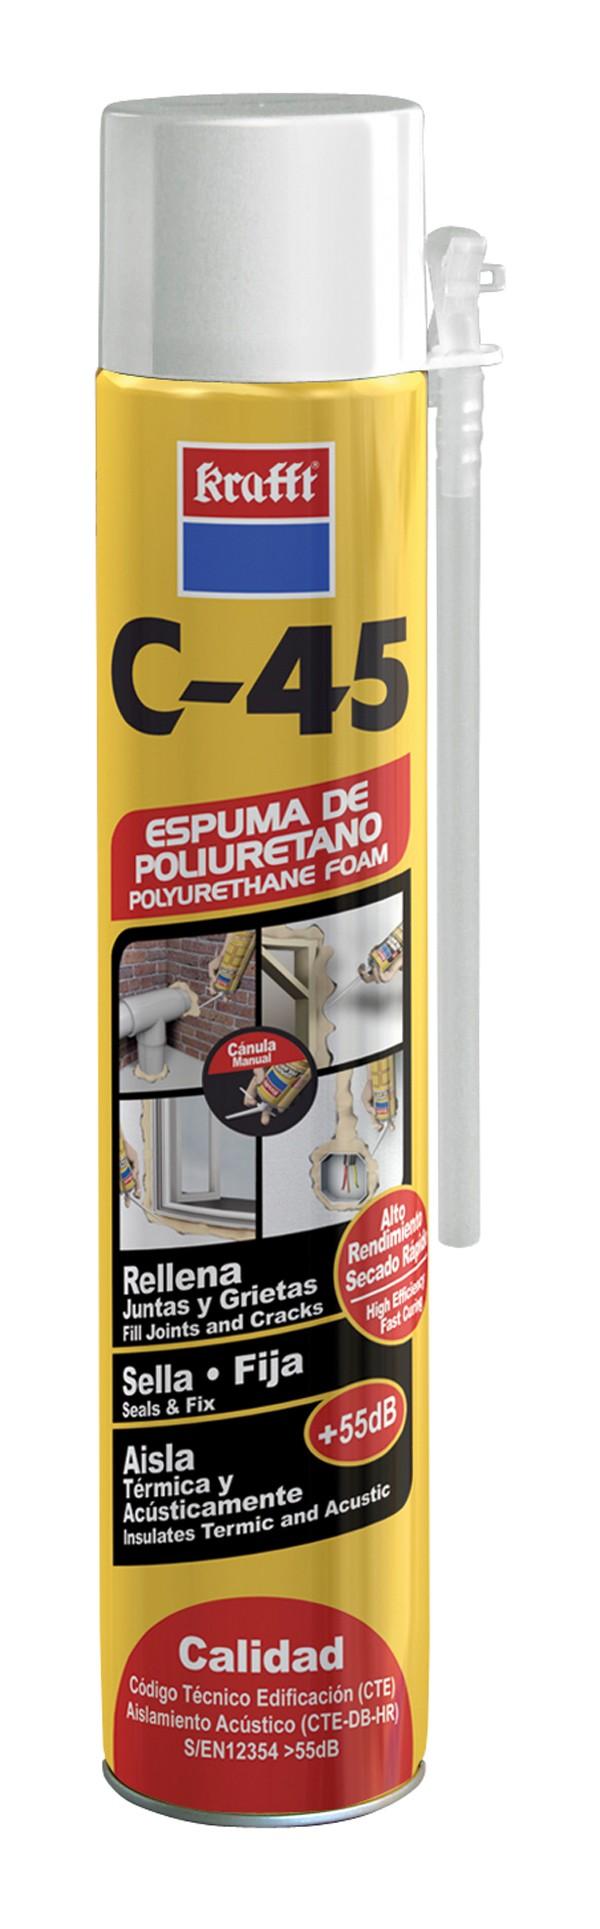 ESPUMA POLIURETANO CANULA KRAFFT 750 ML